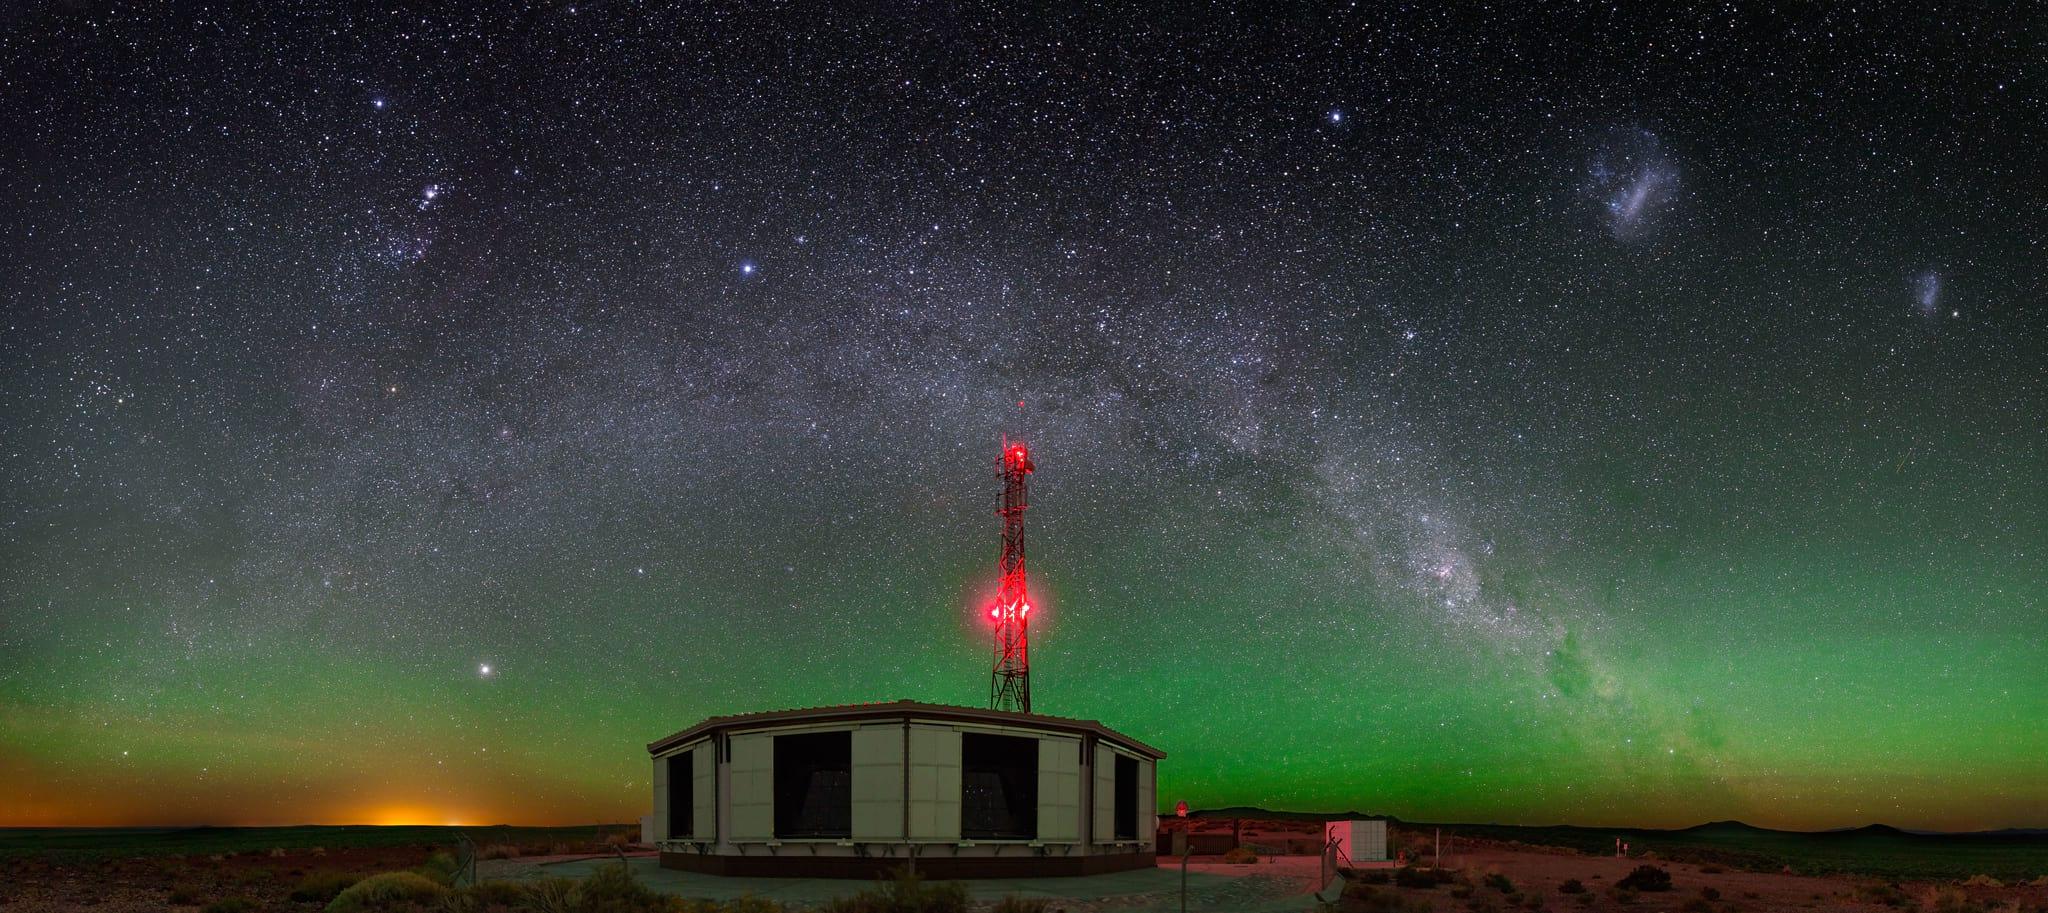 PÚBLICO - Chegaram ao nosso planeta raios cósmicos extragalácticos